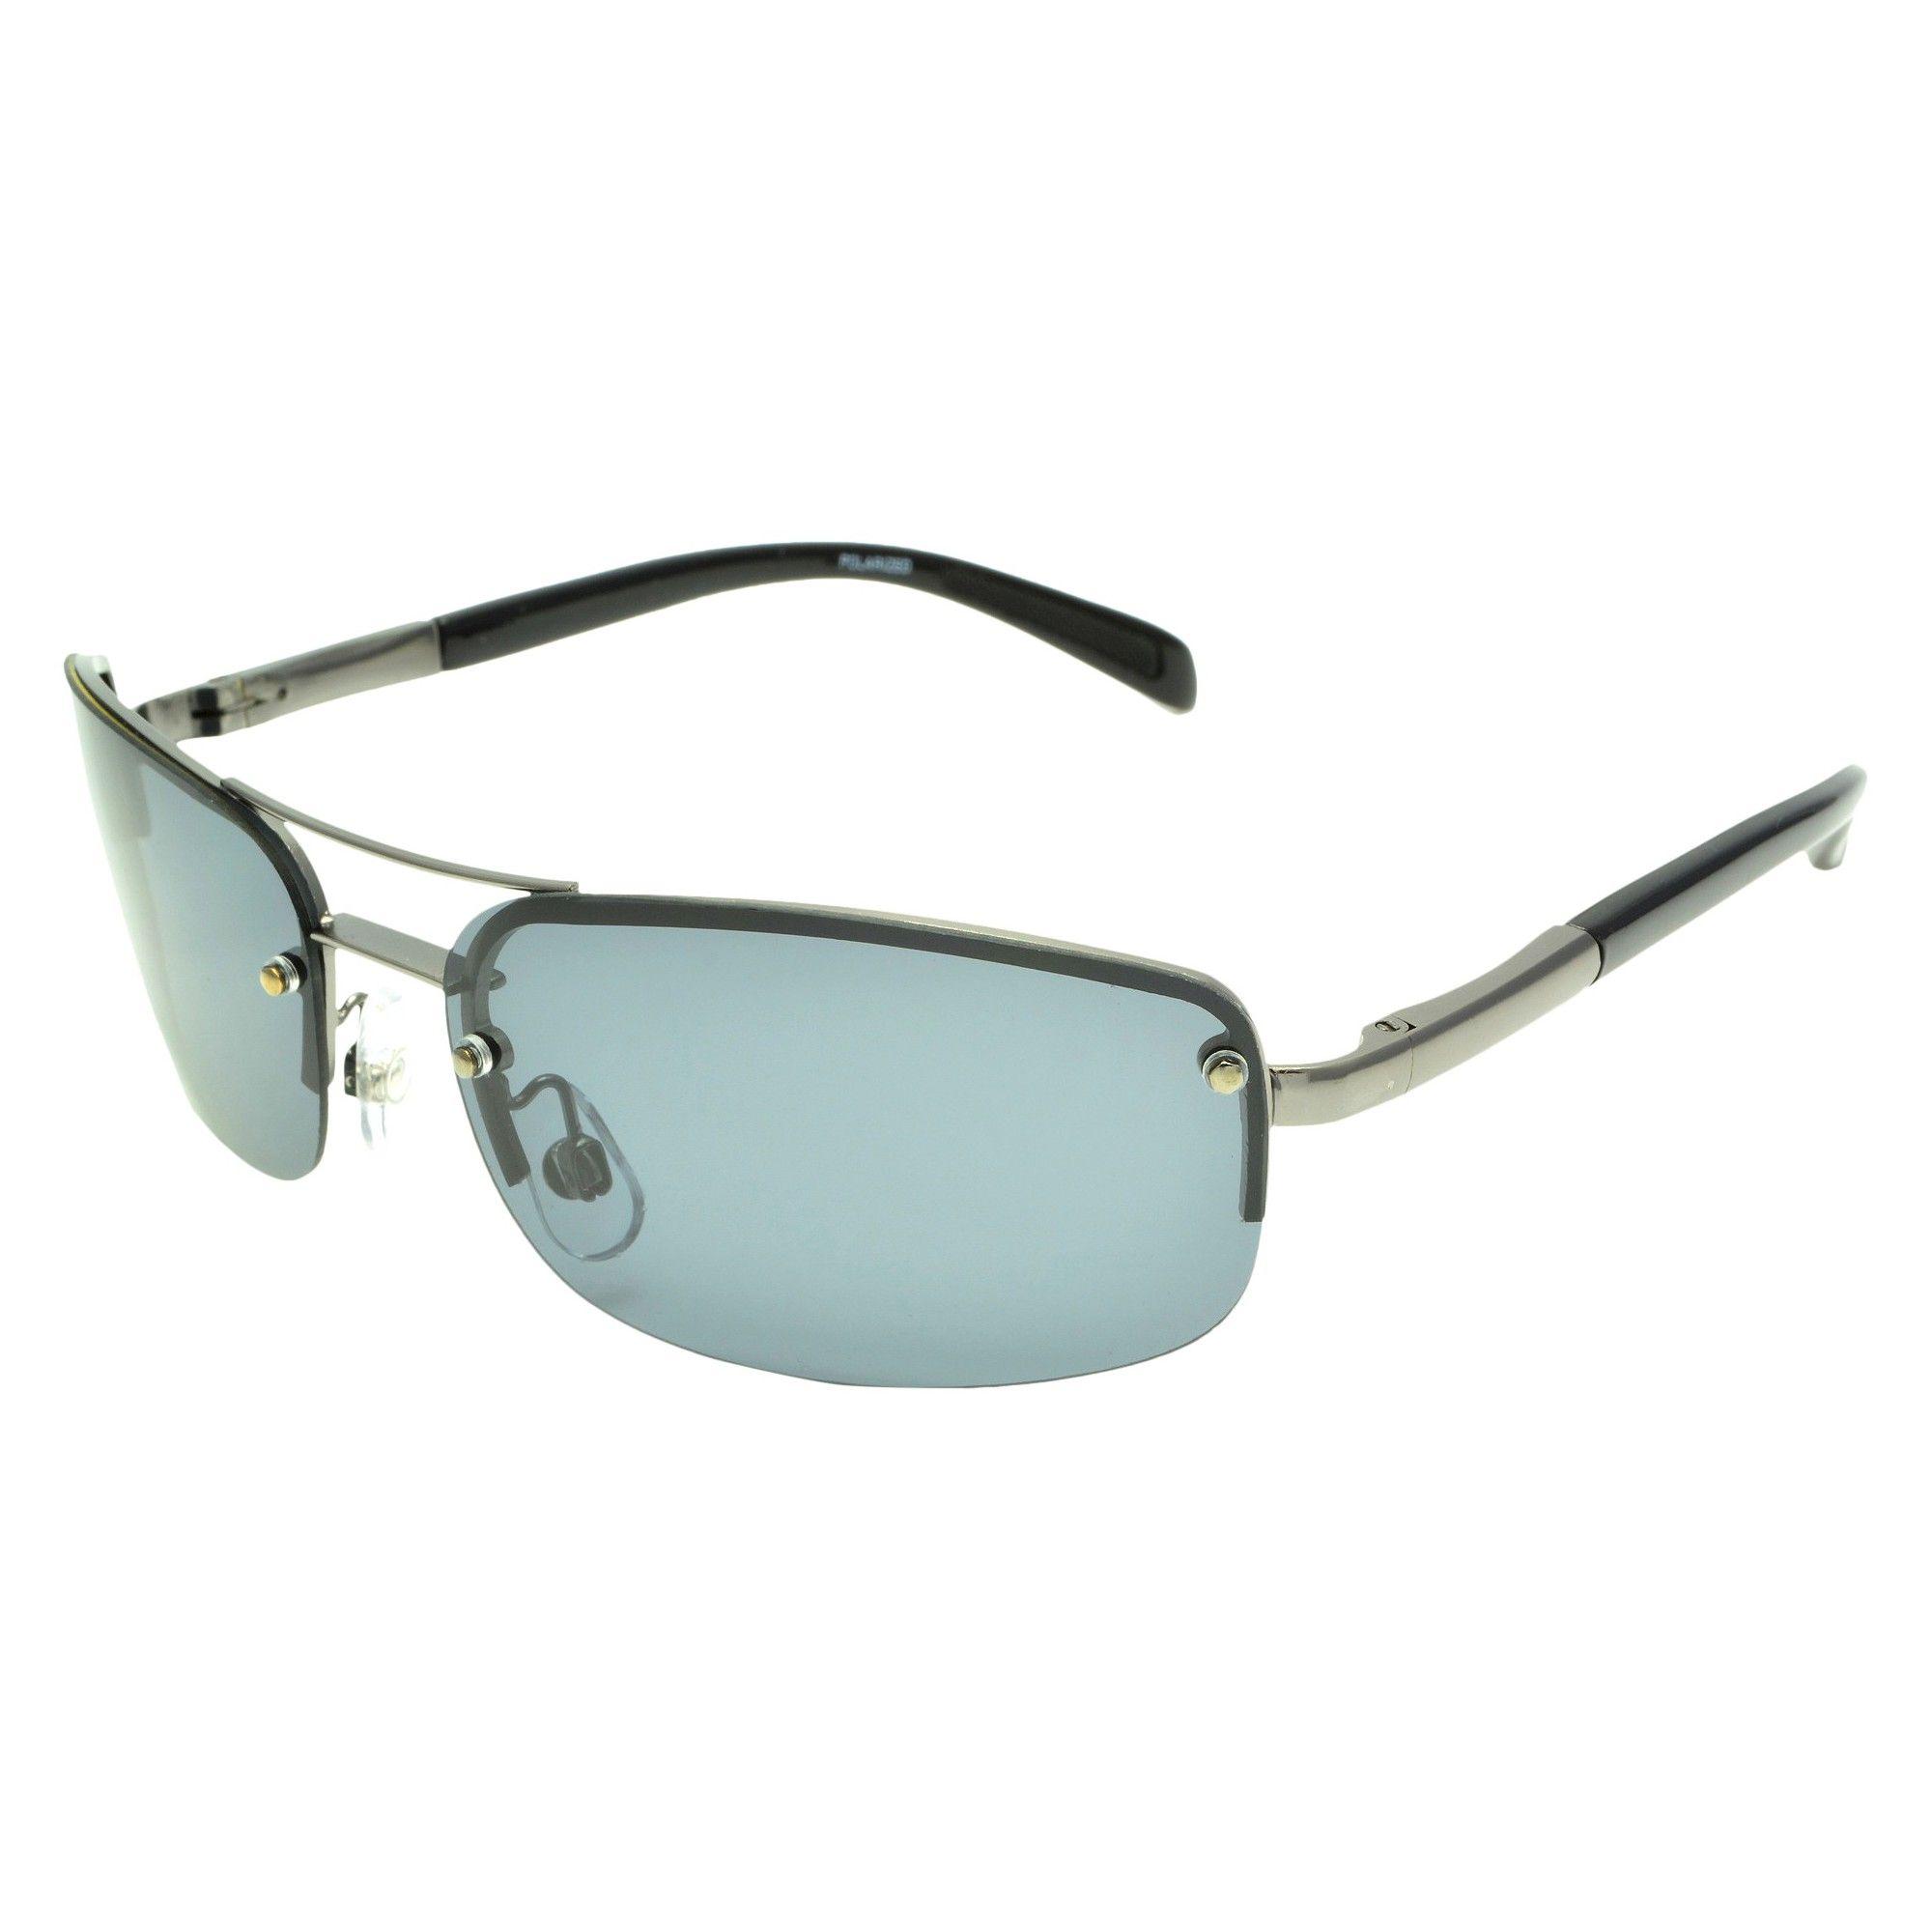 99a063782c Aviator Gunmetal Polarized Grant Silver Men s Sunglasses Foster qZtUW6f